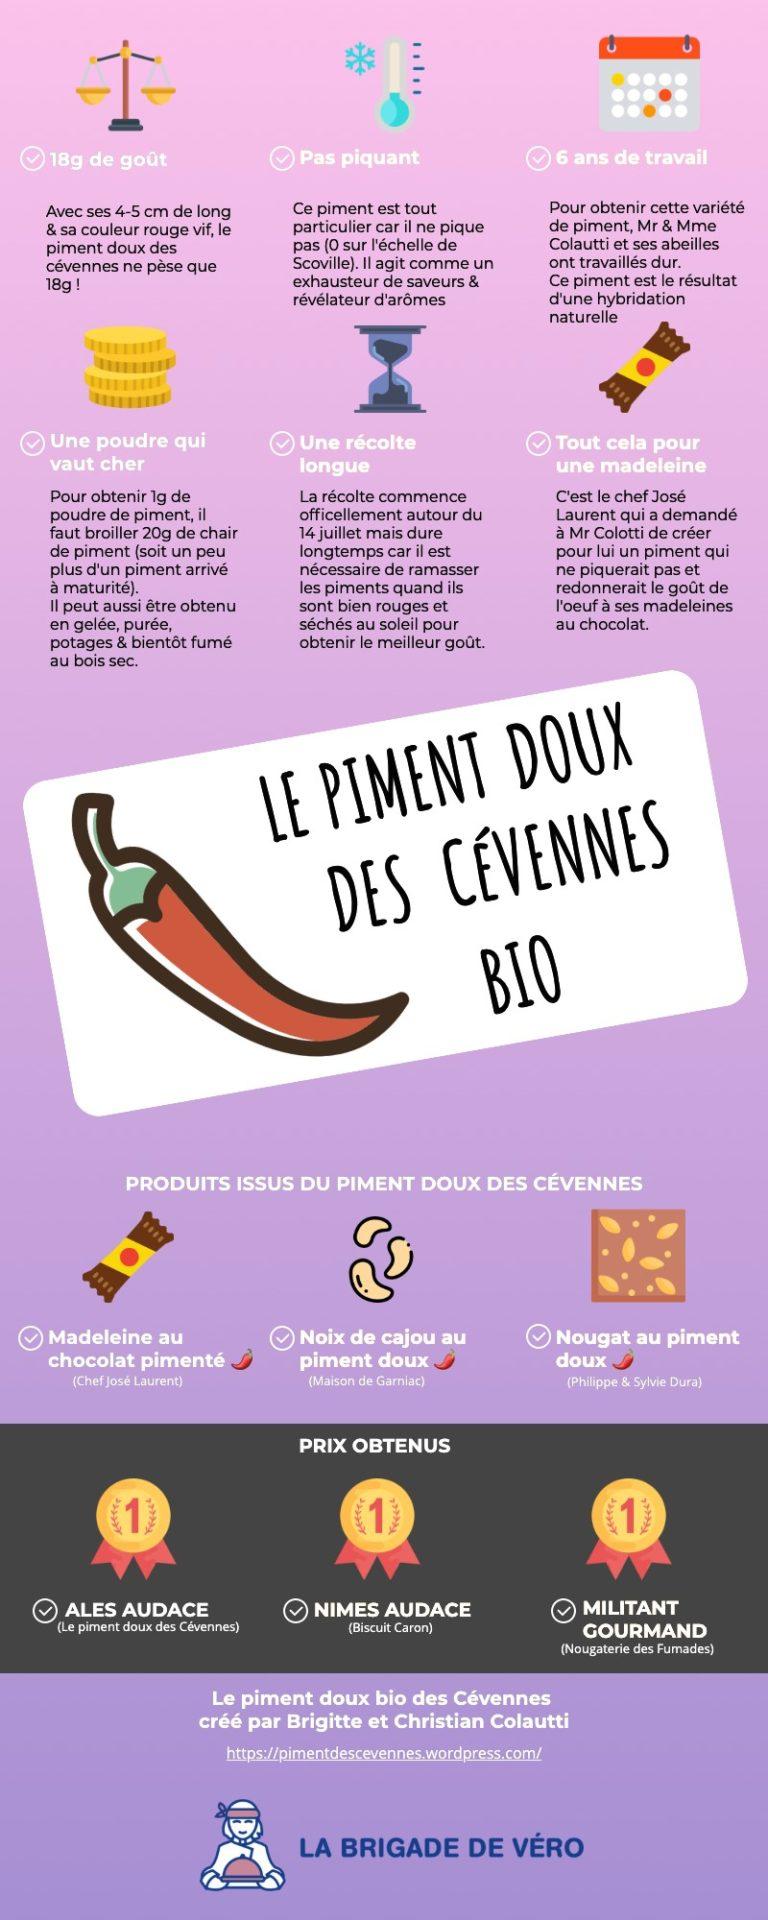 infographie sur le piment doux bio des Cévennes